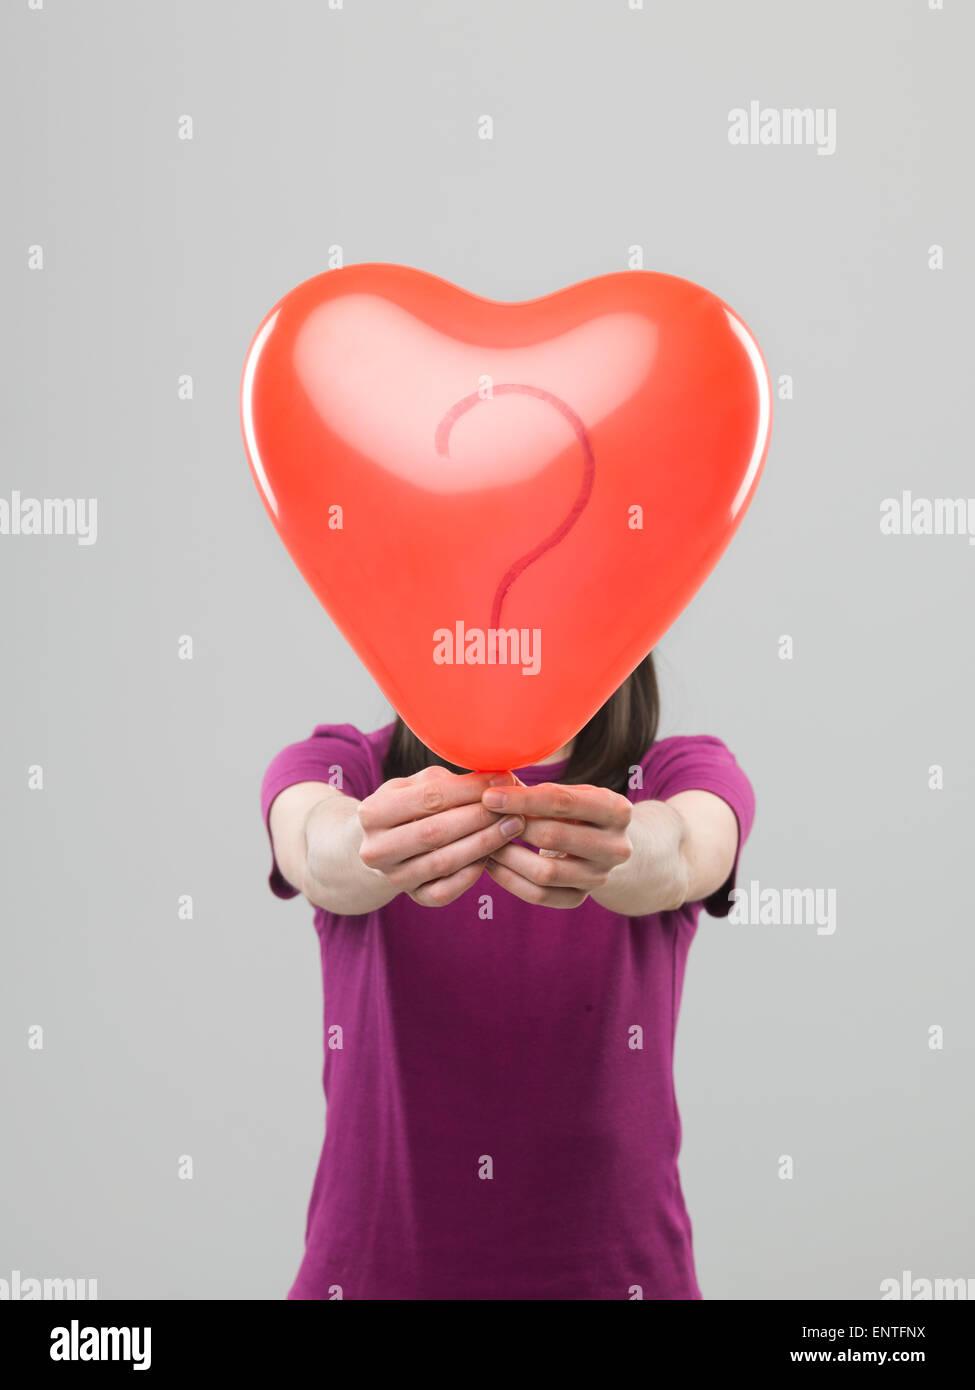 Caucasian woman holding heart shaped balloon avec point d'interrogation en face de sa tête, contre l'arrière-plan Banque D'Images